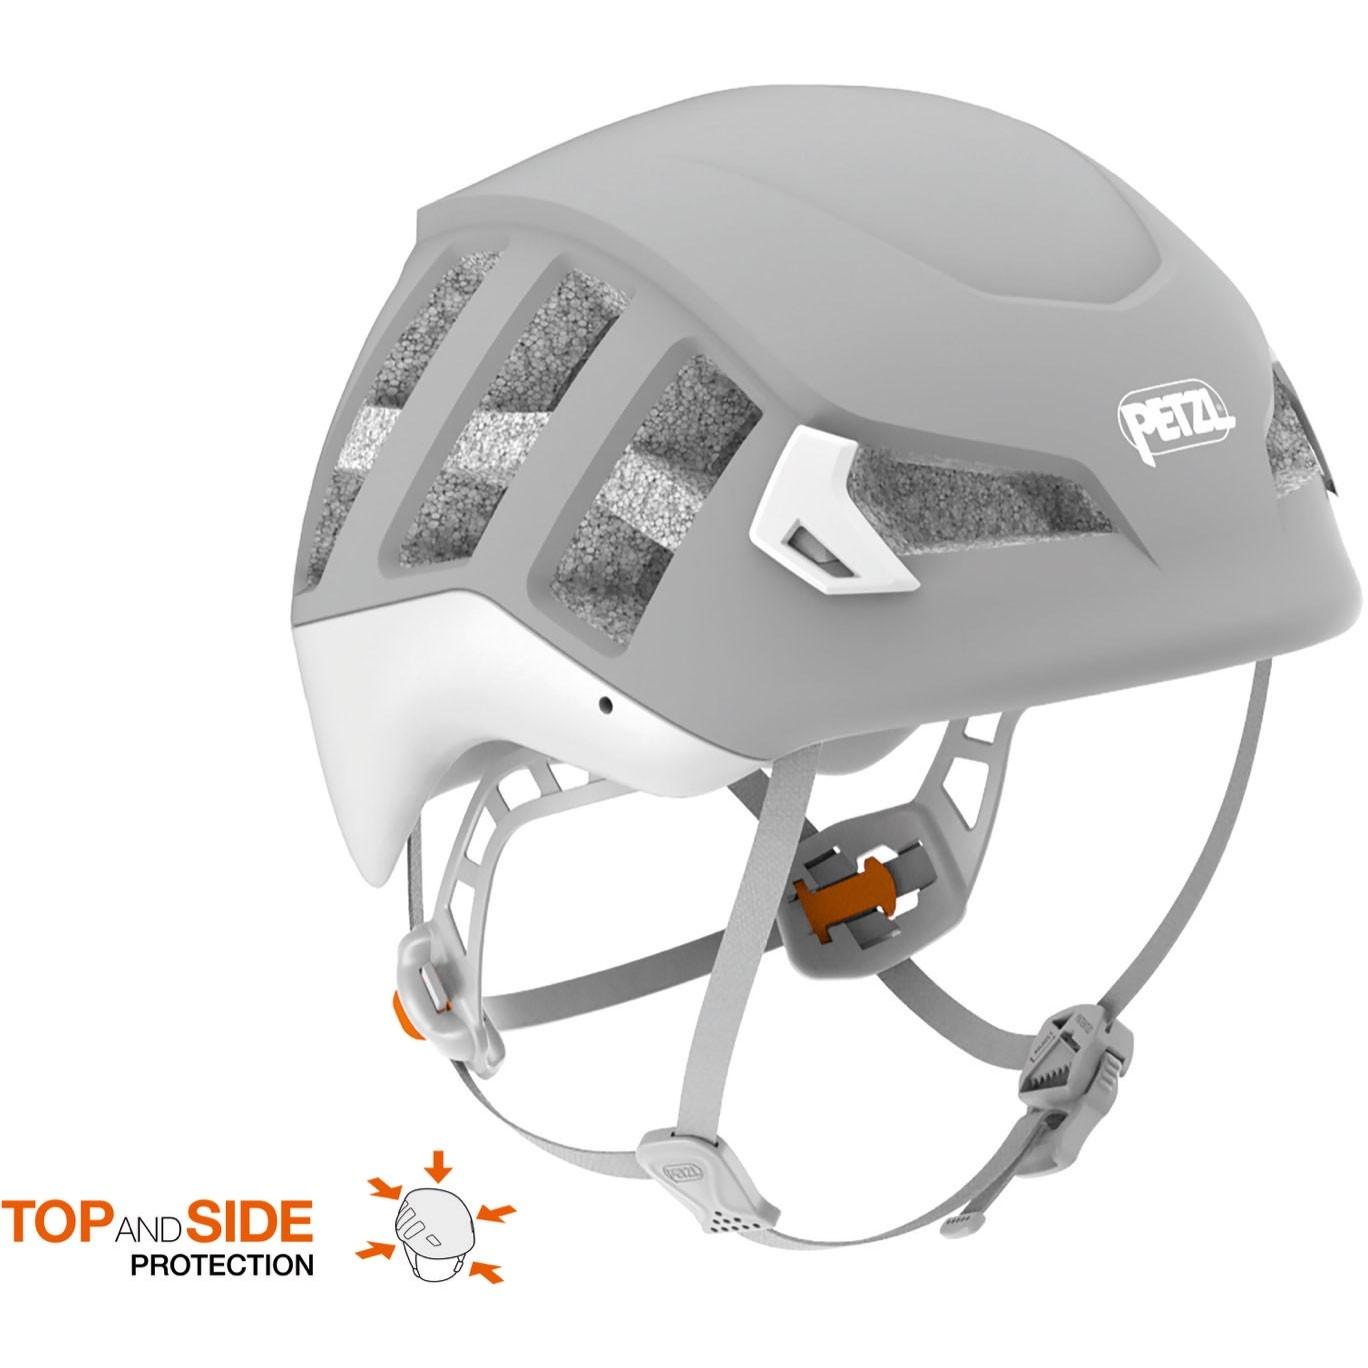 Petzl Meteor Climbing Helmet - Grey